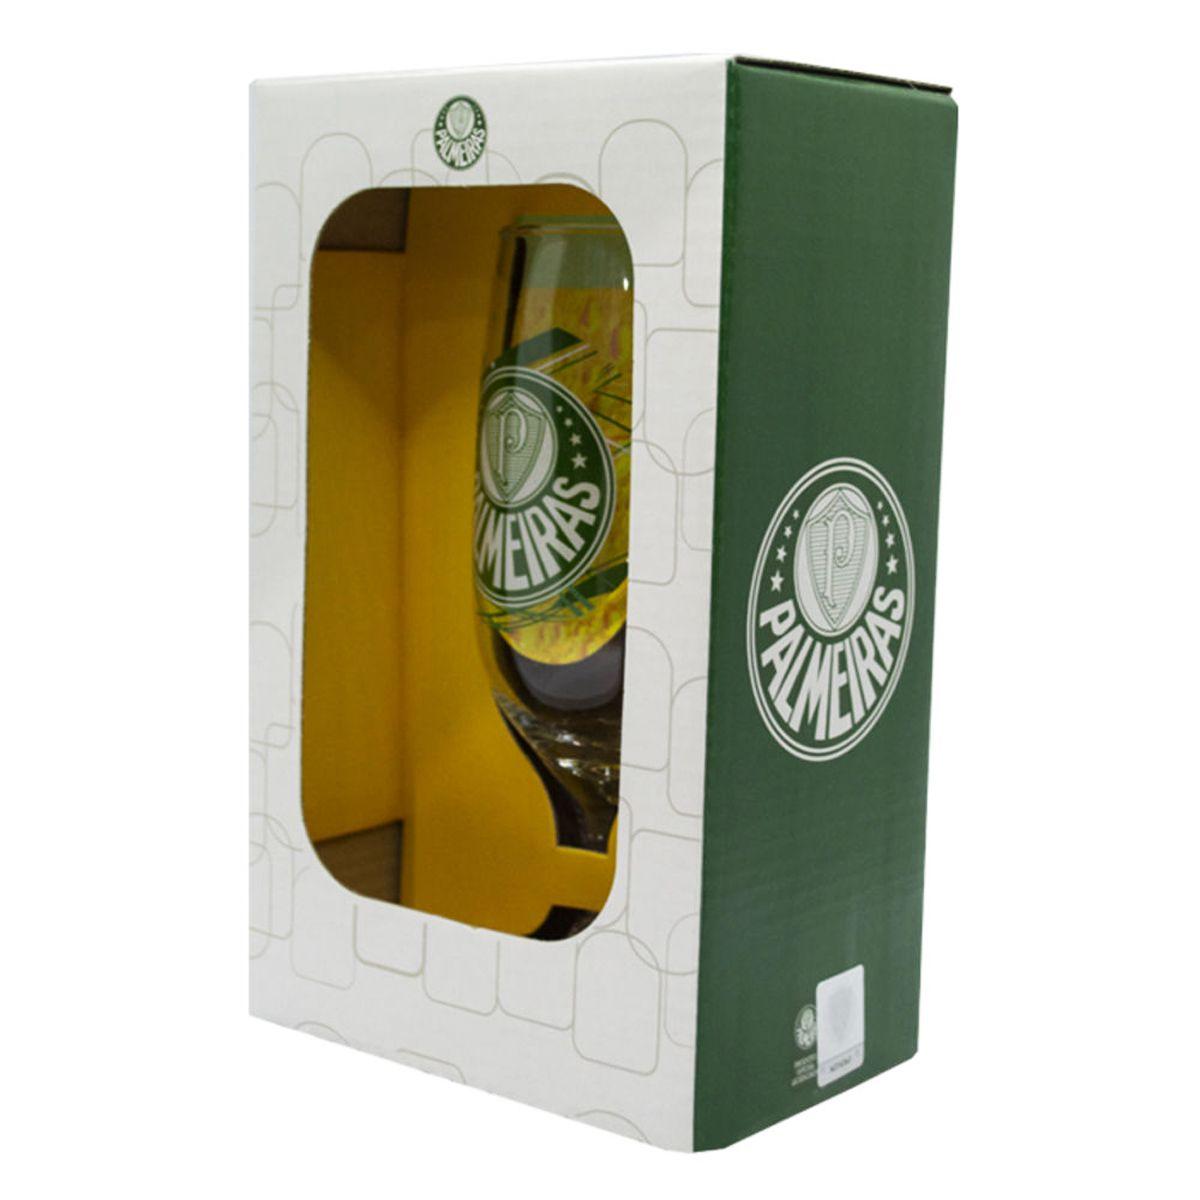 Taça de Cerveja do Palmeiras 300 ml em Caixa Personalizada